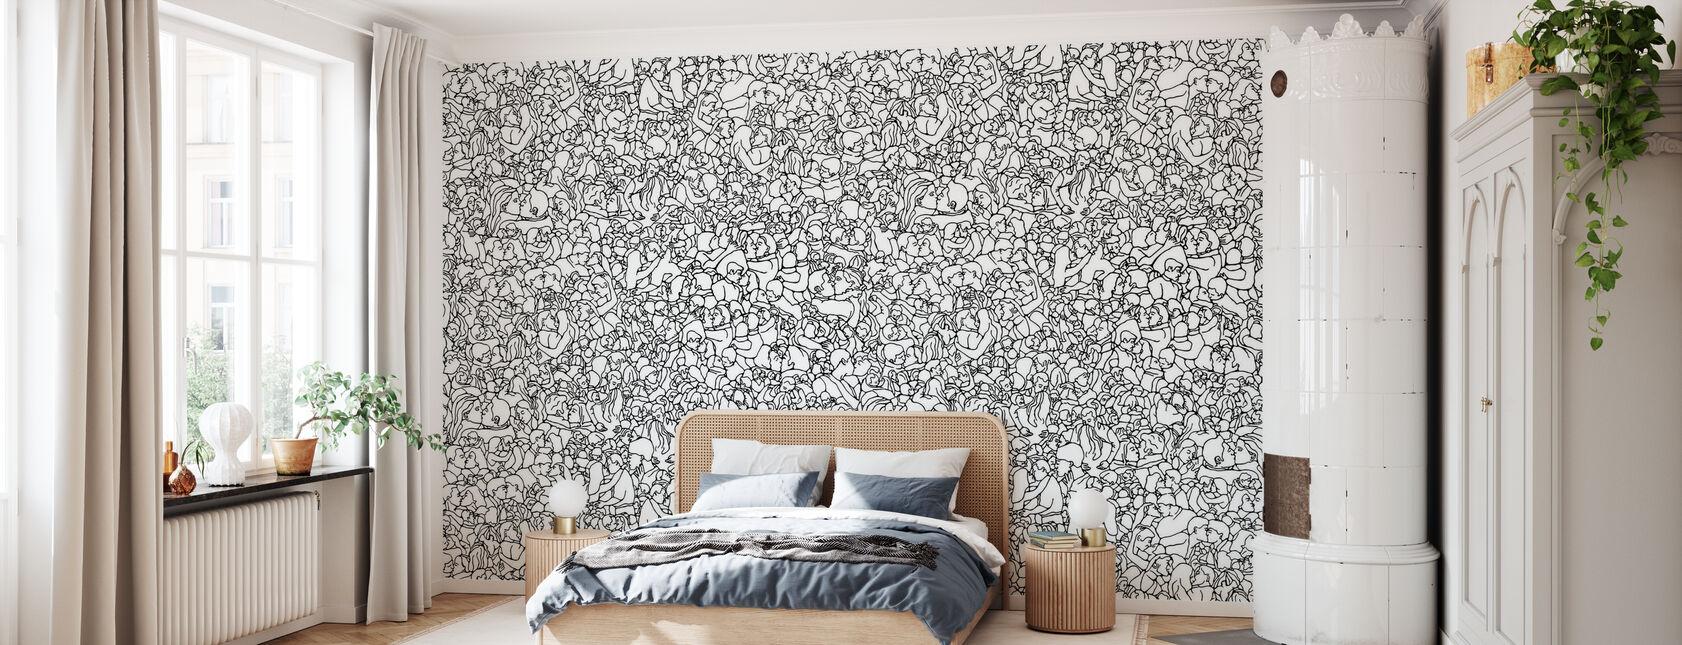 Kissing Pattern - Black - Wallpaper - Bedroom